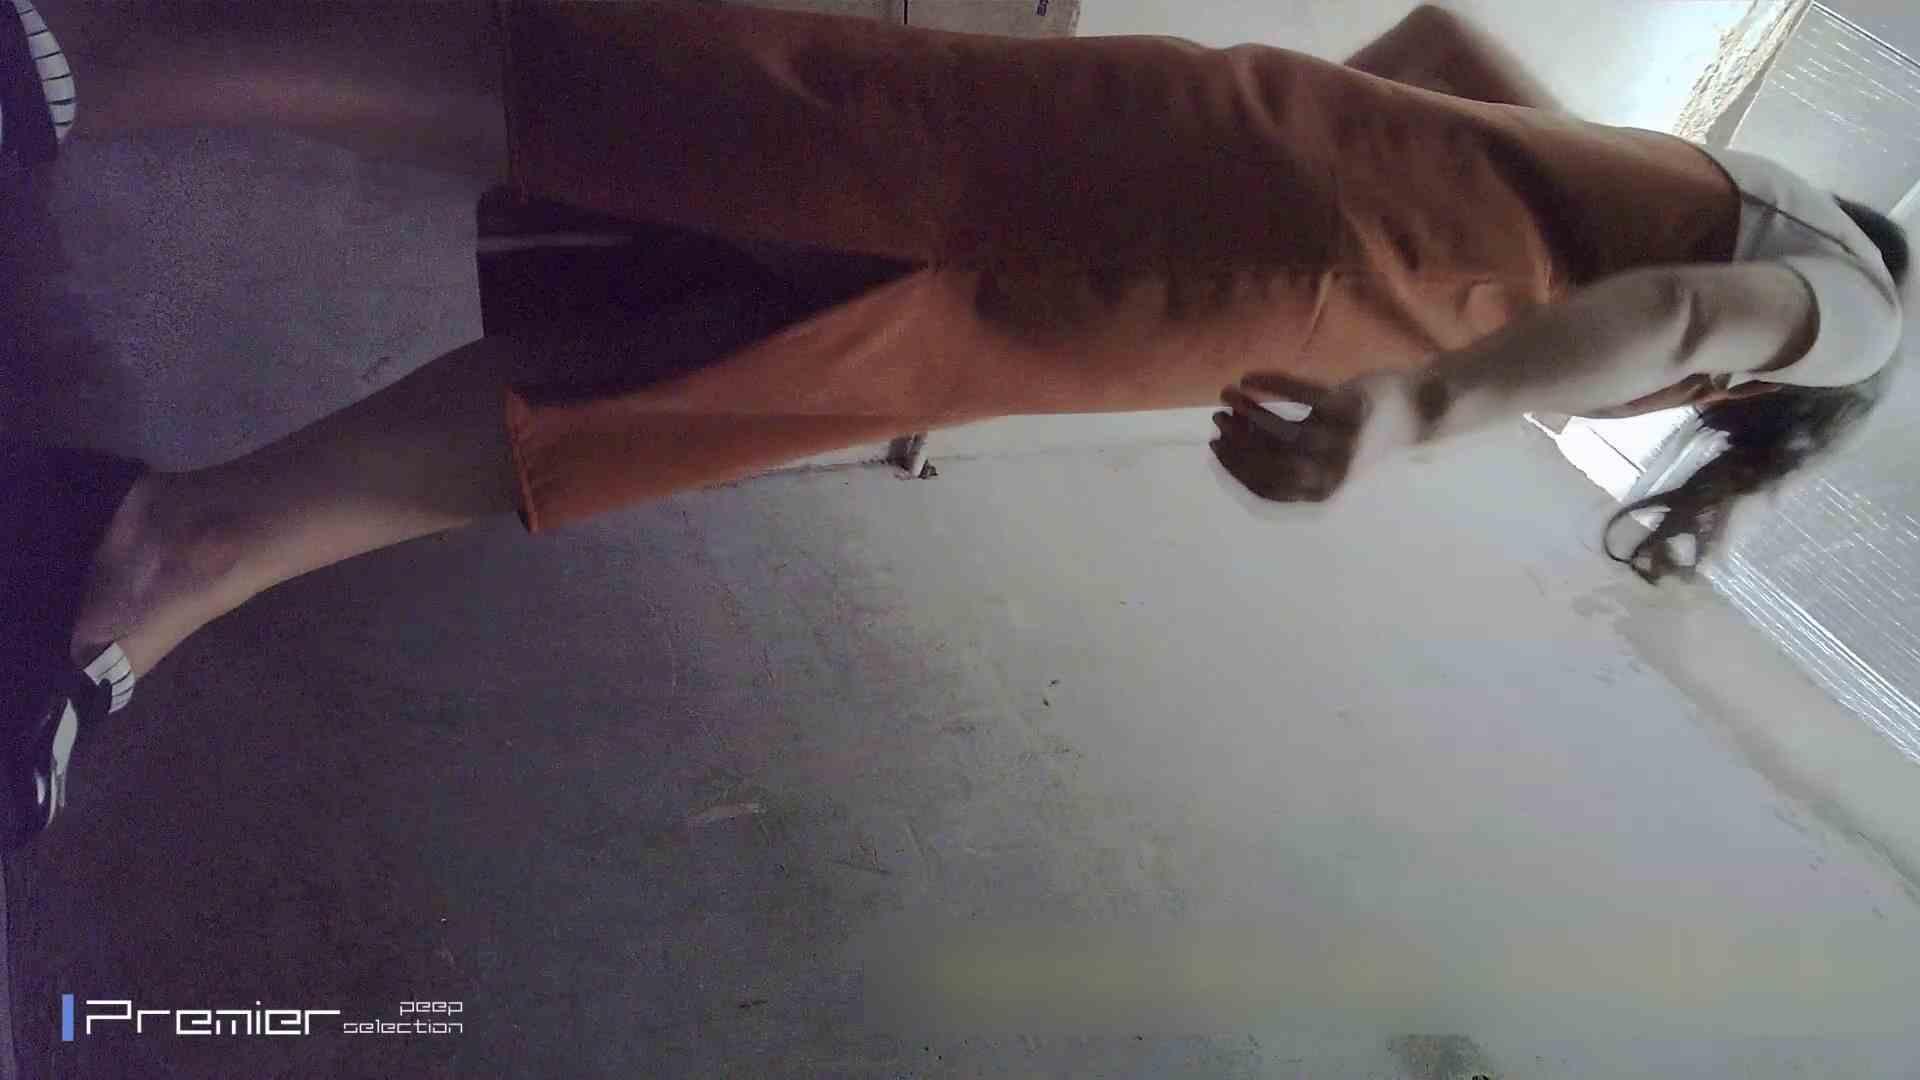 トイレシーンを密着盗撮!! 美女の痴態に密着!Vol.22 エッチすぎる美女 オメコ動画キャプチャ 103連発 12